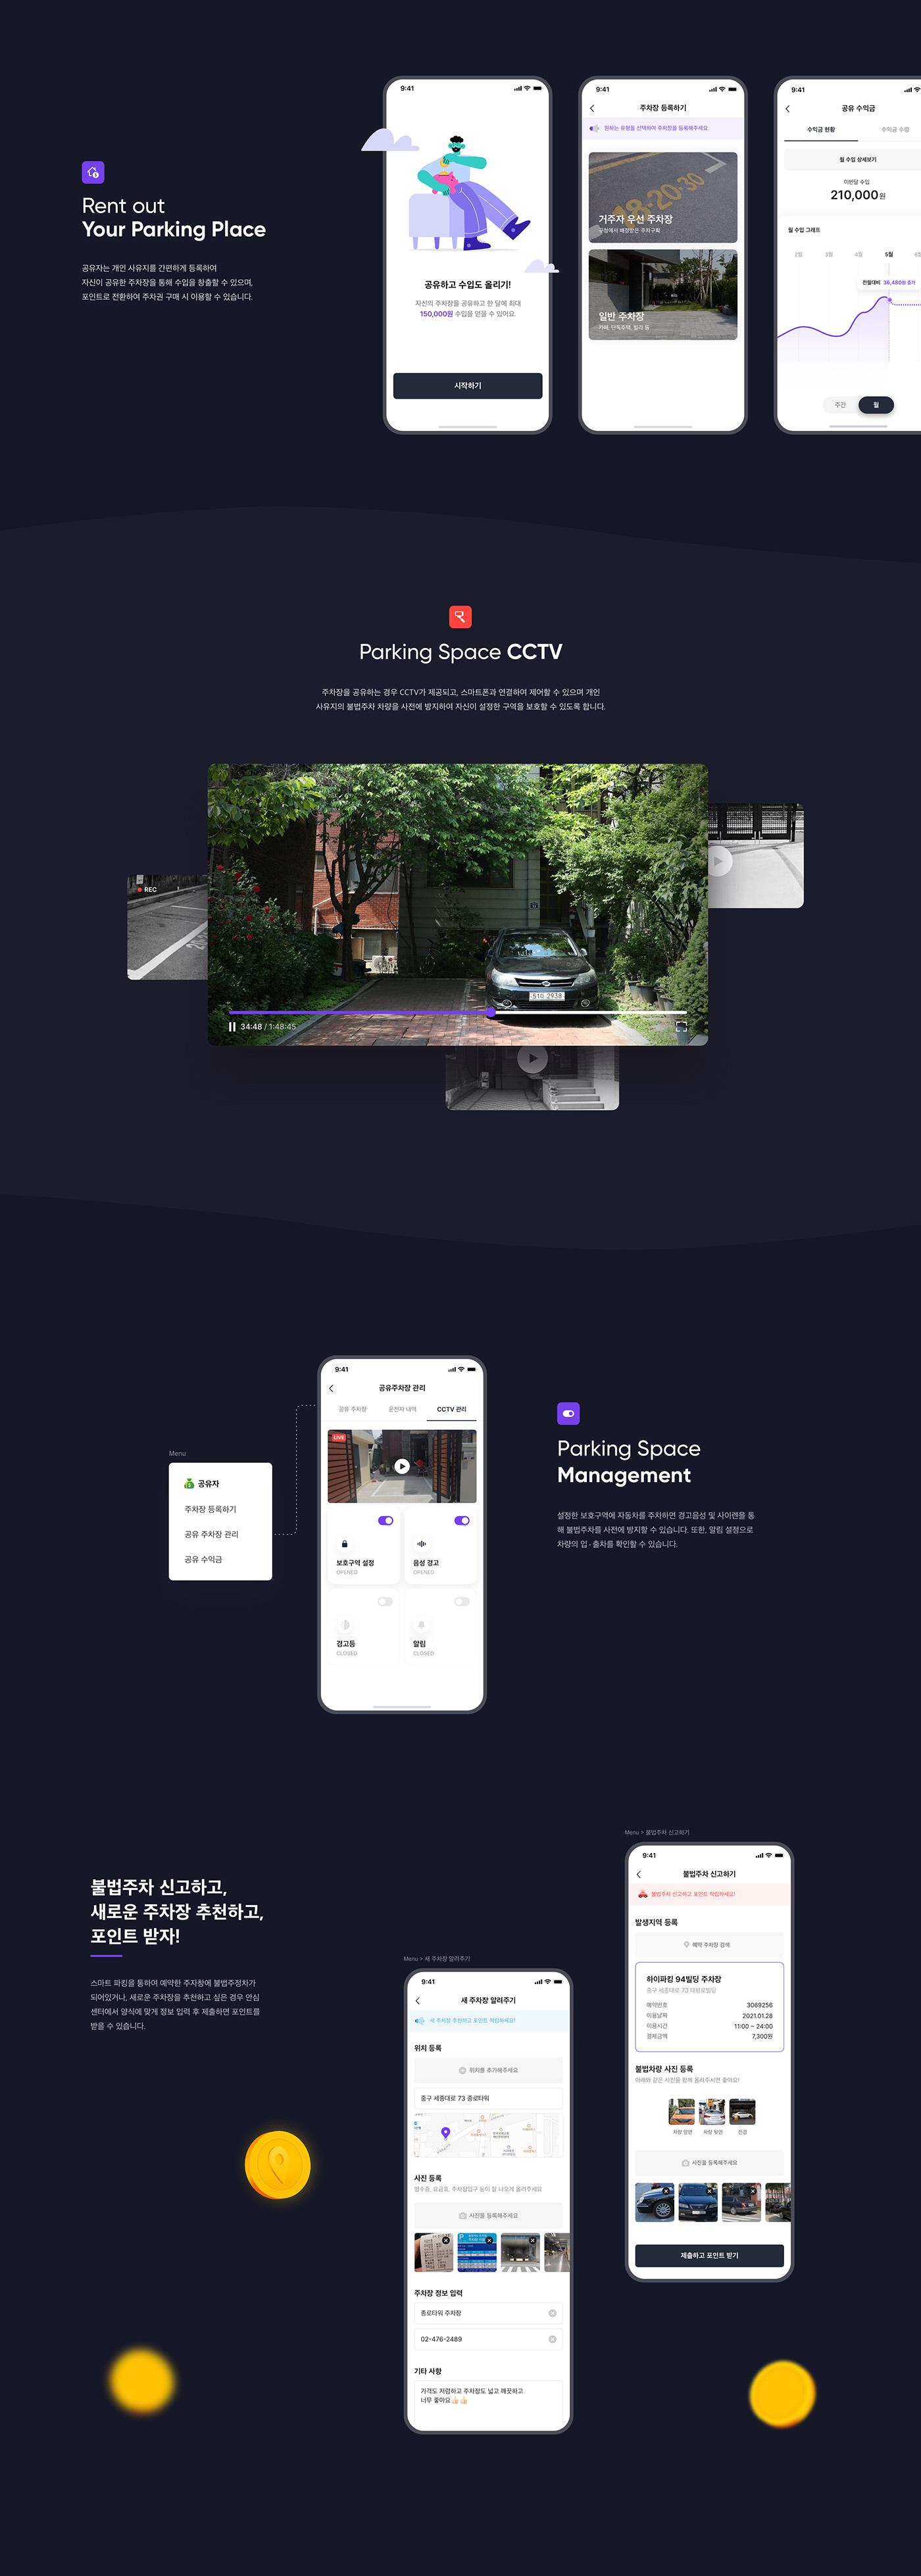 app car mobile Parking App parking sharing sharing app ui design ux ux/ui design Web Design